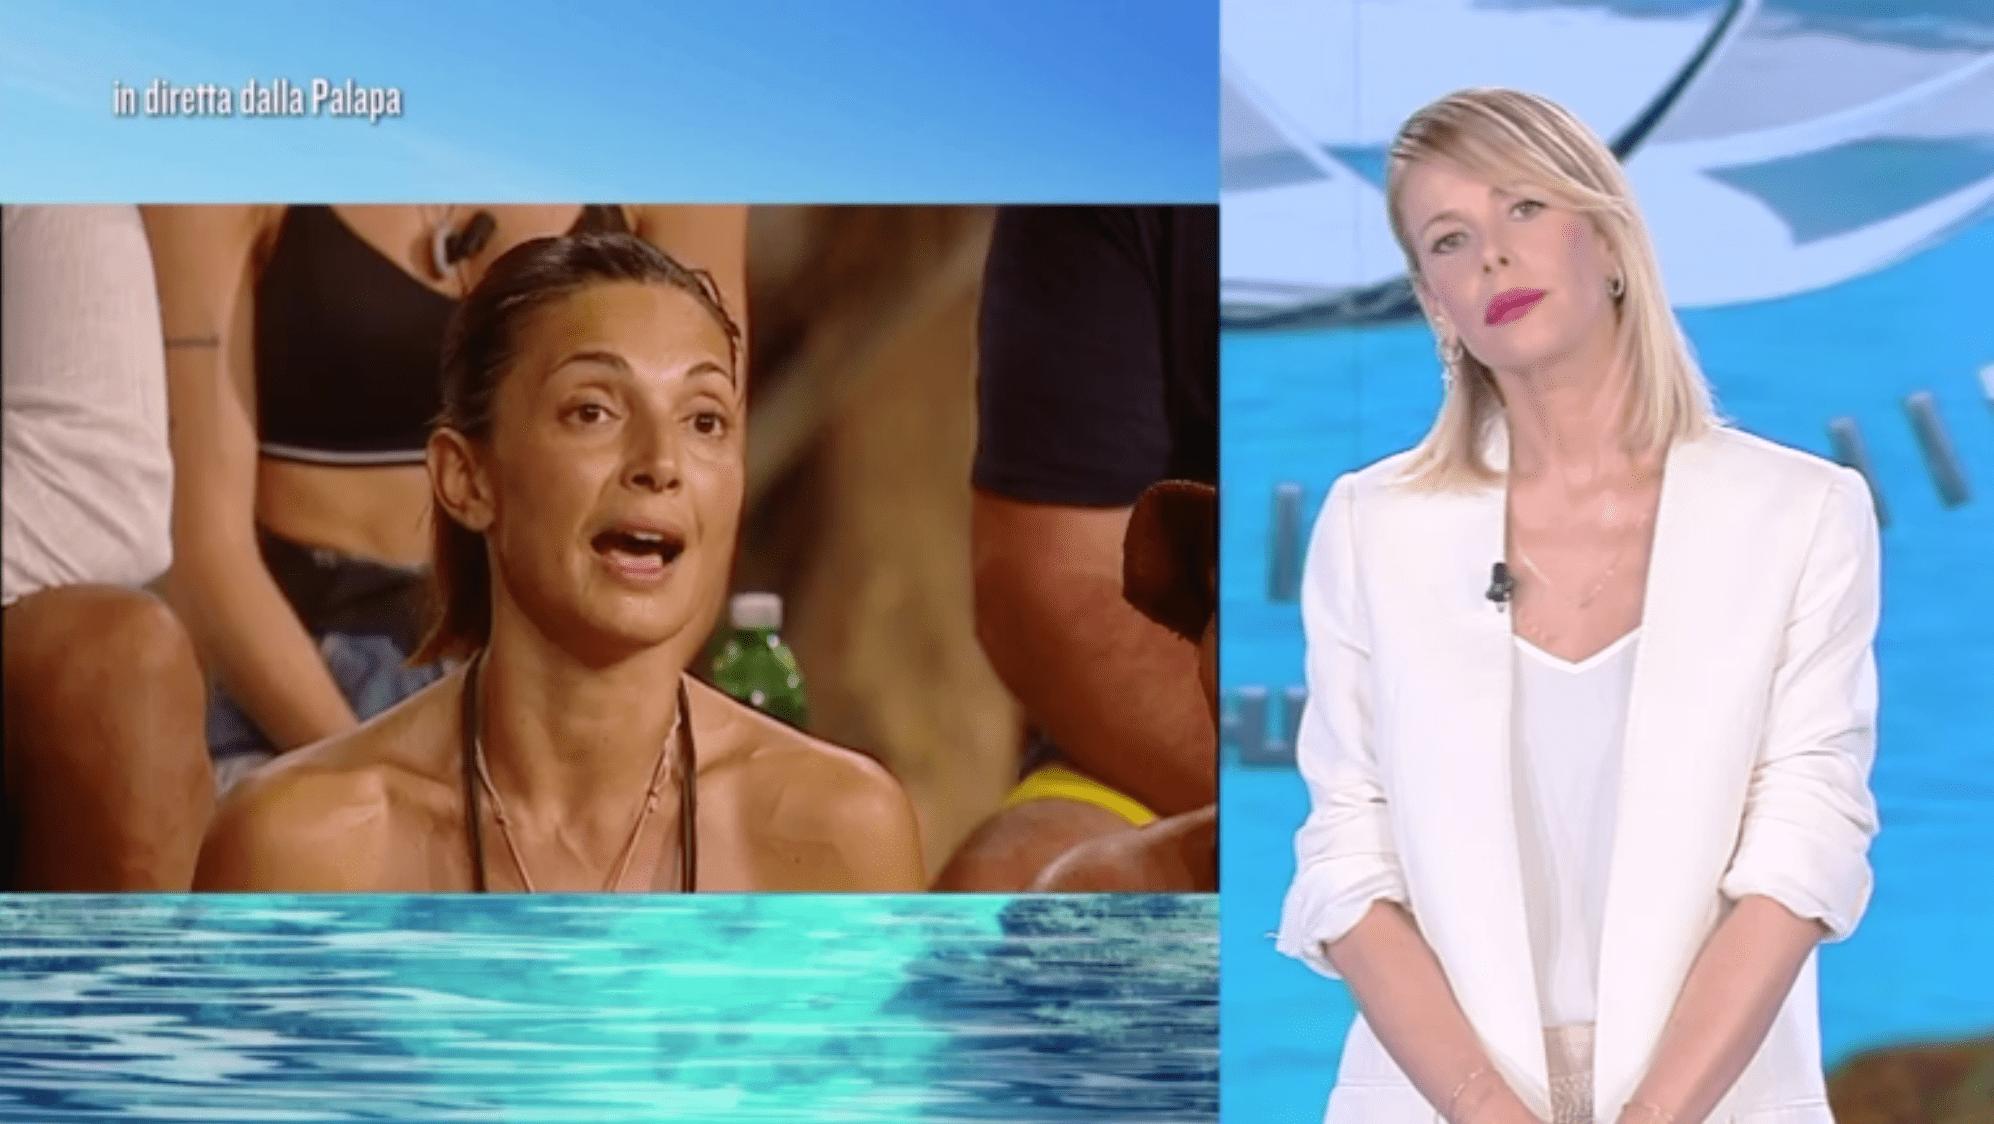 L'Isola dei Famosi 13, tutti contro Alessia Mancini: interviene Daniele Bossari